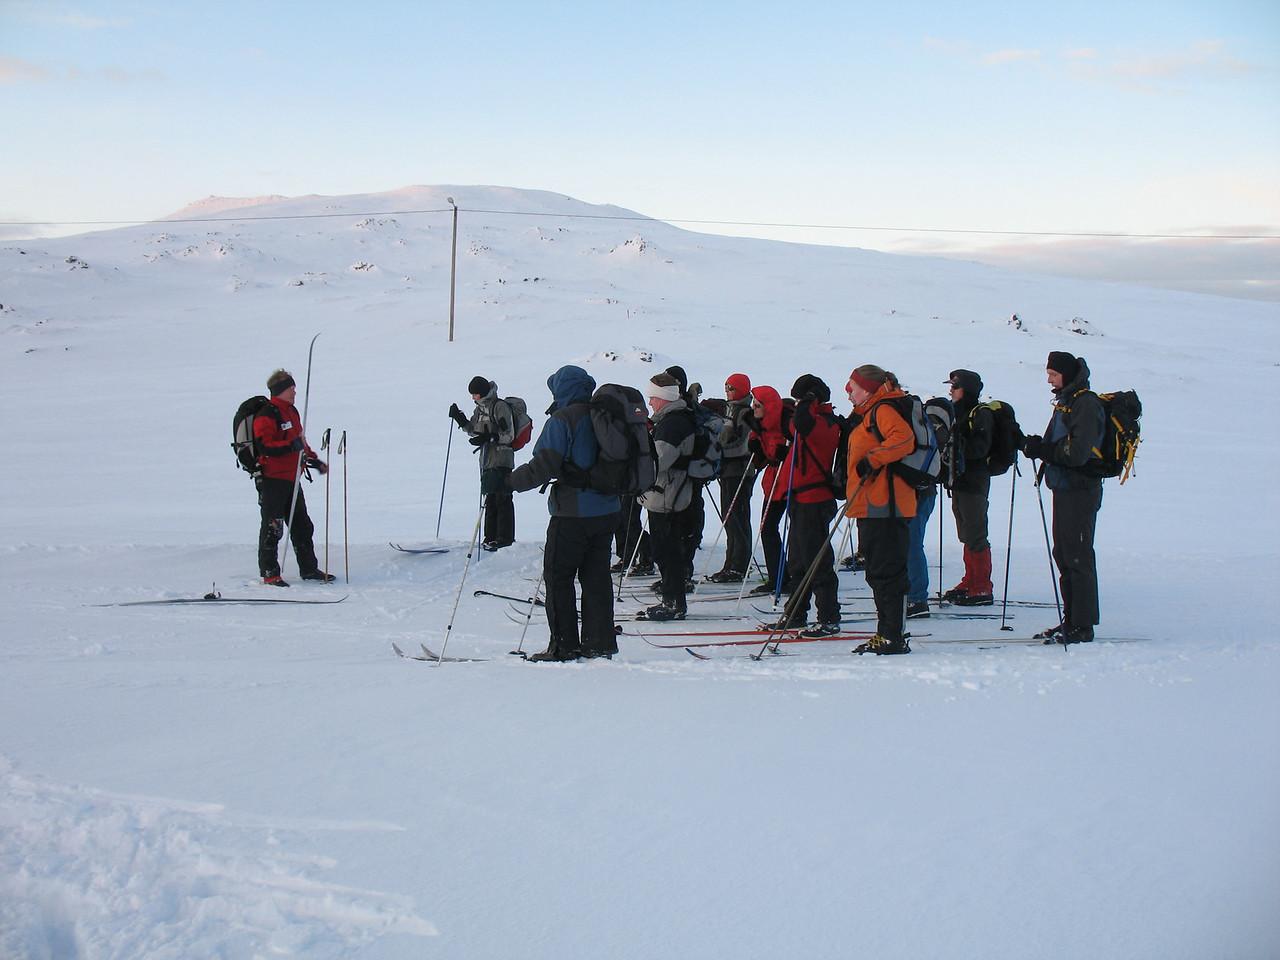 Við upphaf ferðar messaði Sigurður fararstjóri yfir hópnum.